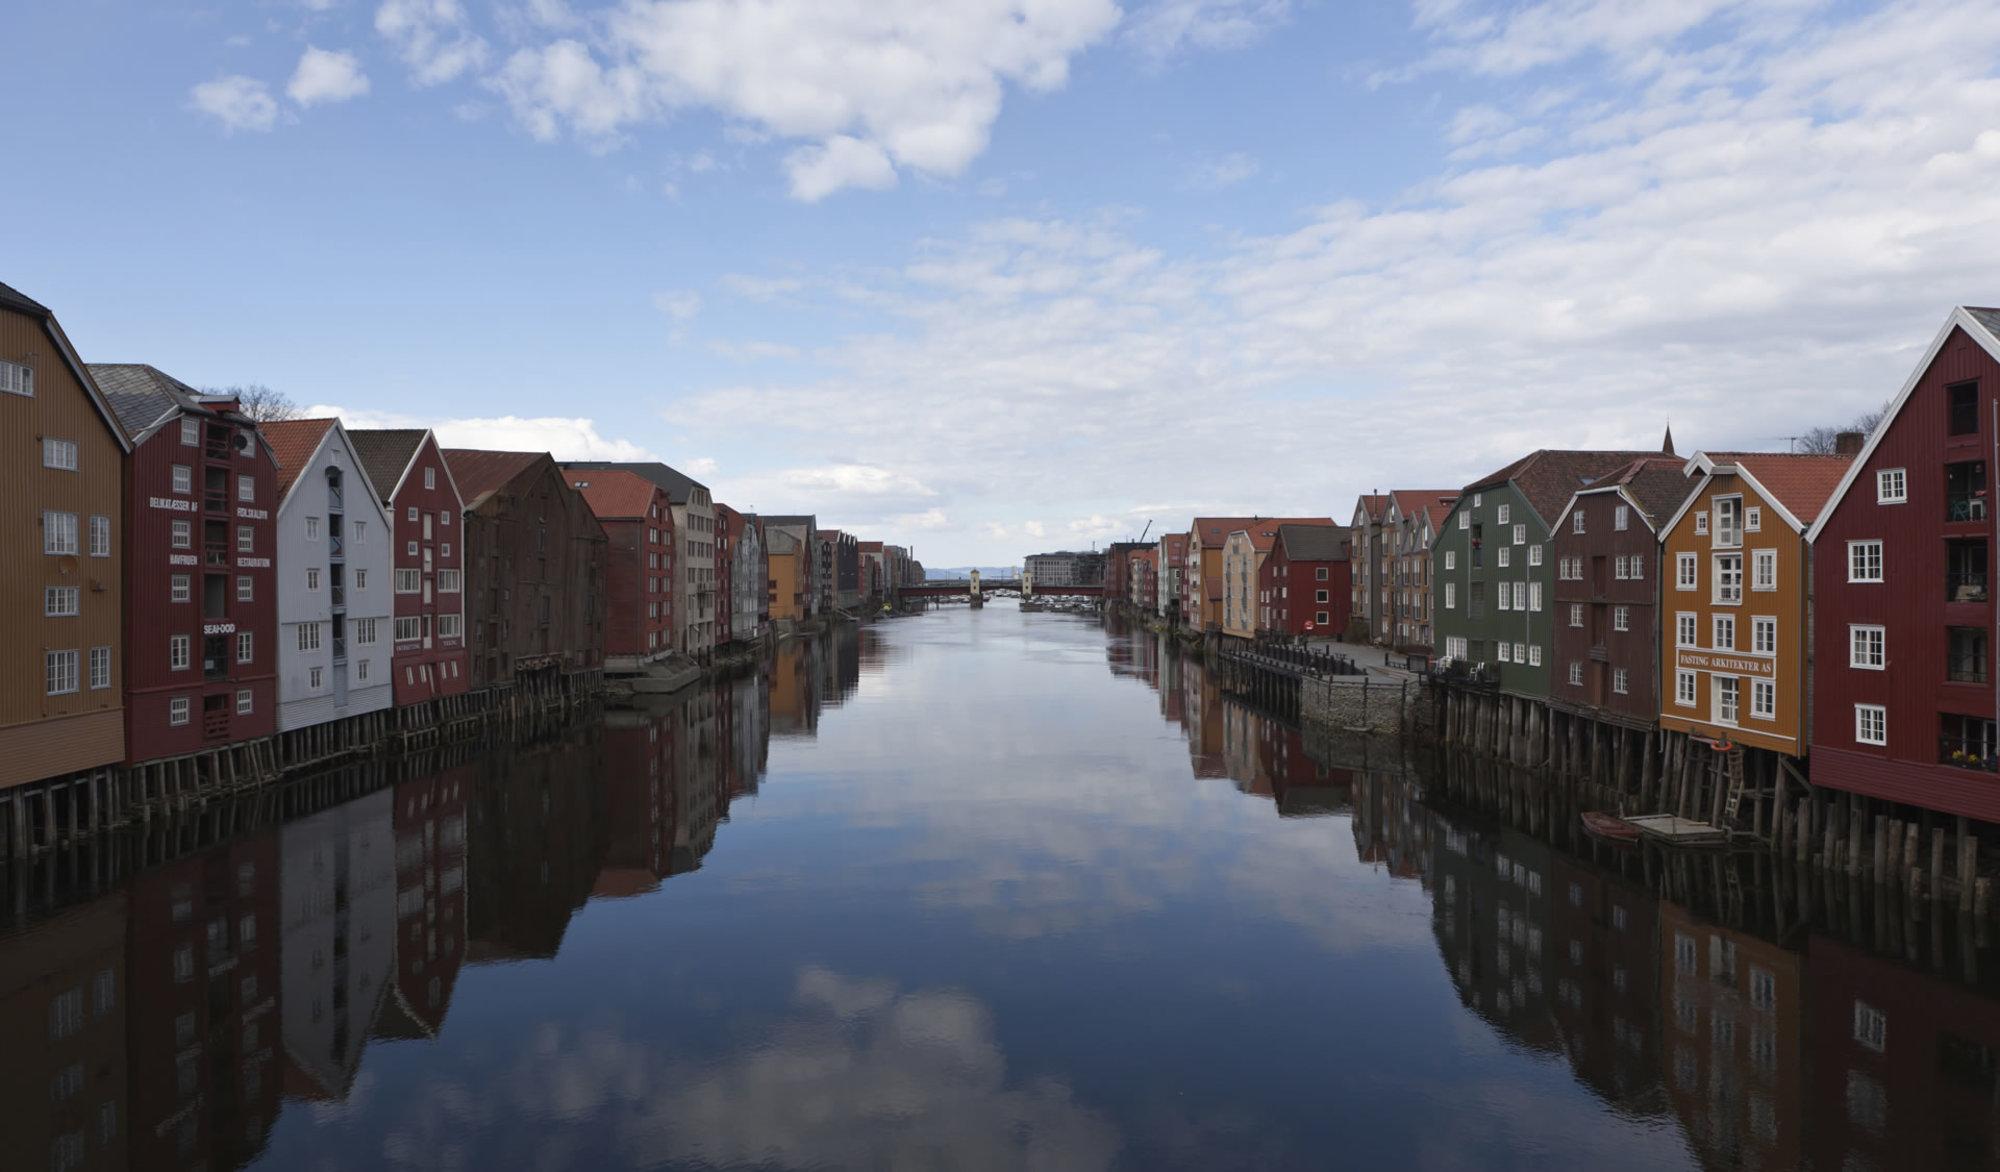 Bestill time hos en anbefalt frisør i Trondheim på Fixit.no. Sjekk priser og les kundeomtaler før du bestemmer deg. Rask og enkel timebestilling!